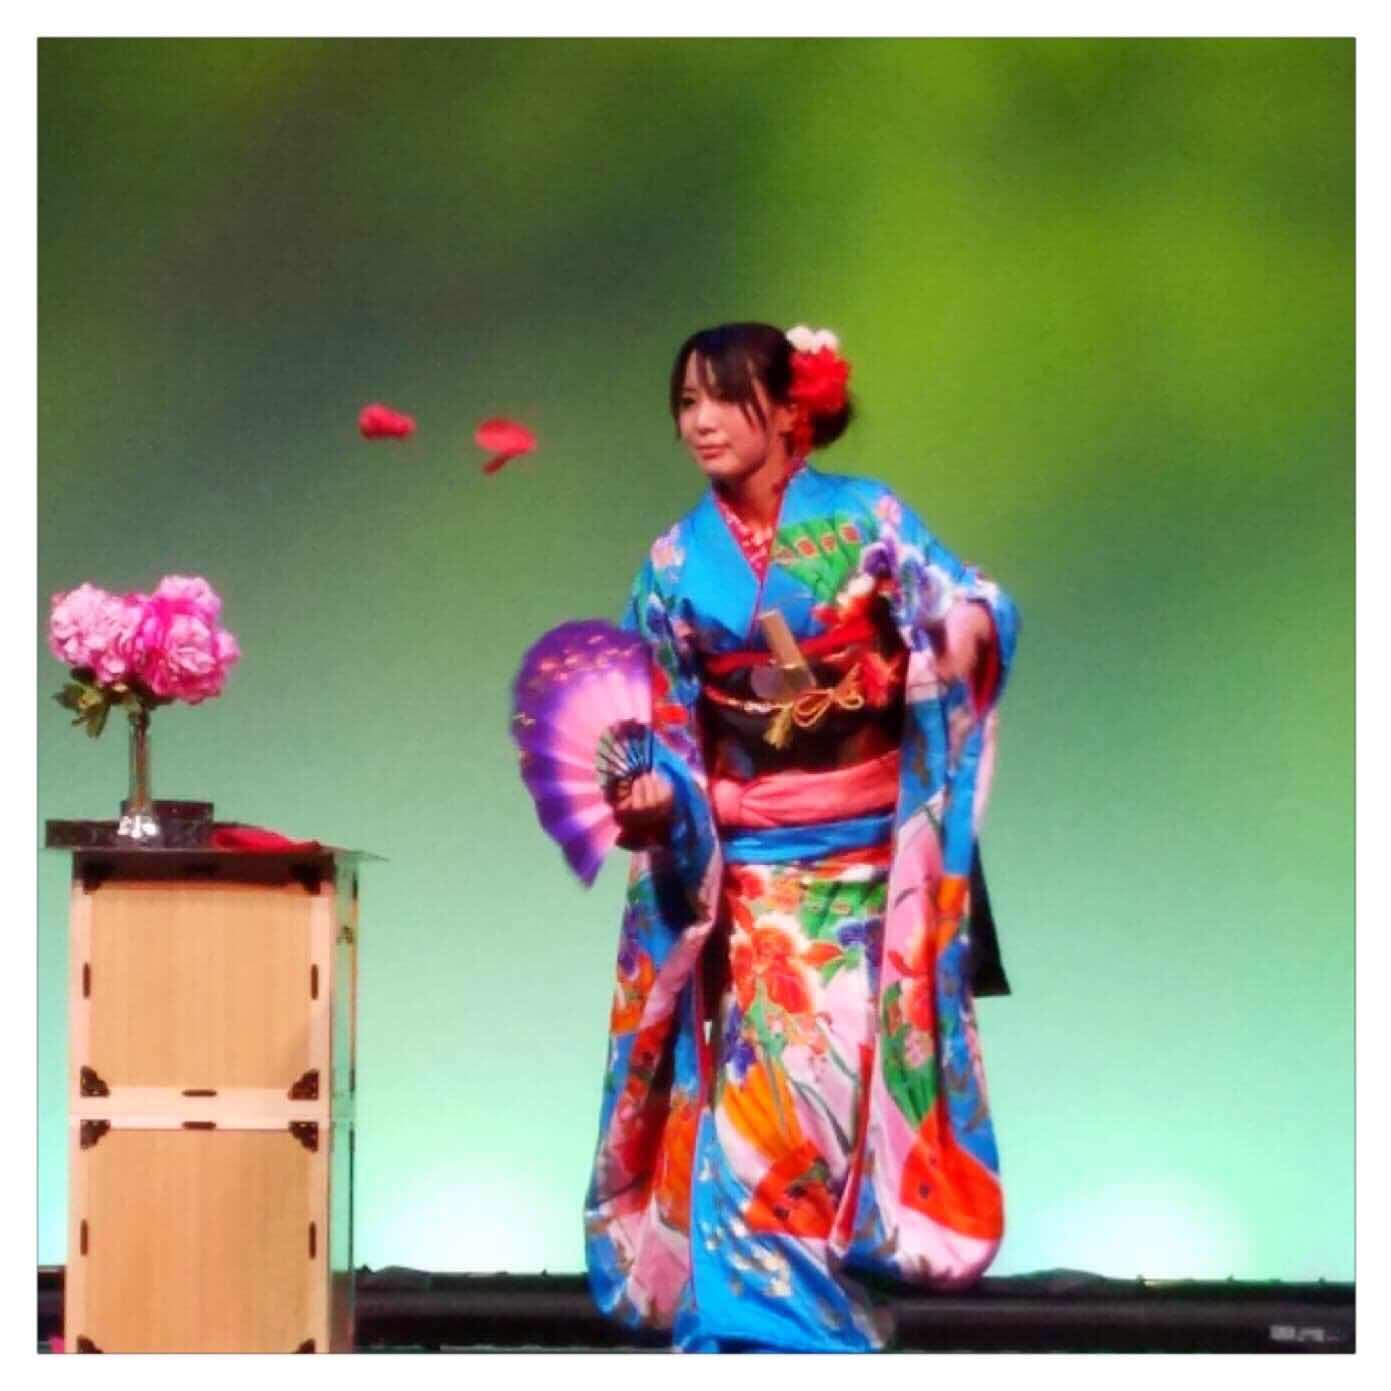 胡蝶の舞|和妻|美人マジシャン!? アリス(有栖川 萌)公式ブログ|マジックショー,イリュージョン,手妻(和妻,和風手品)の全国出張承ります♪